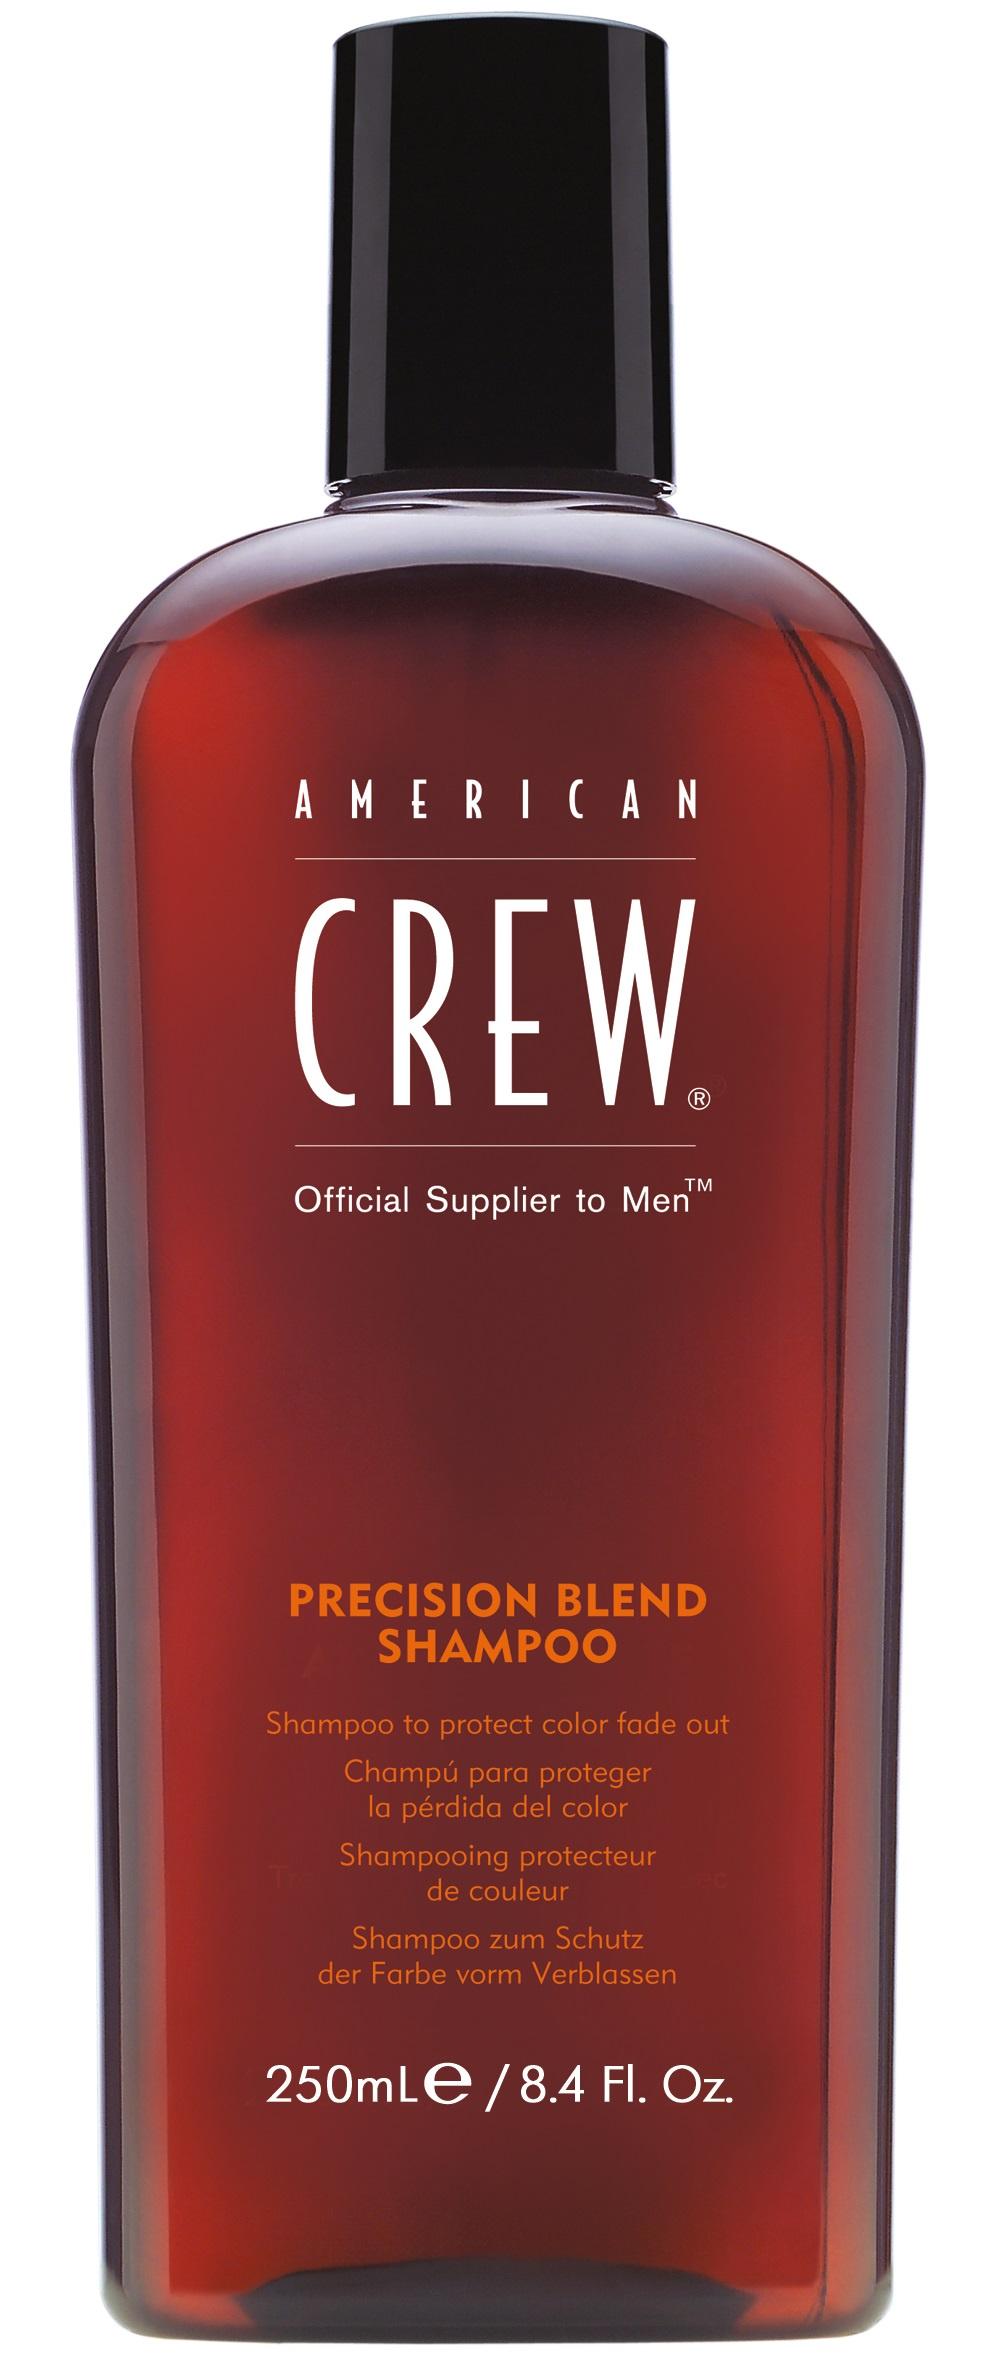 Шампунь для окрашенных волос AMERICAN CREW precision blend shampoo 250 мл шампунь для седых и седеющих волос american crew classic gray shampoo 250 мл